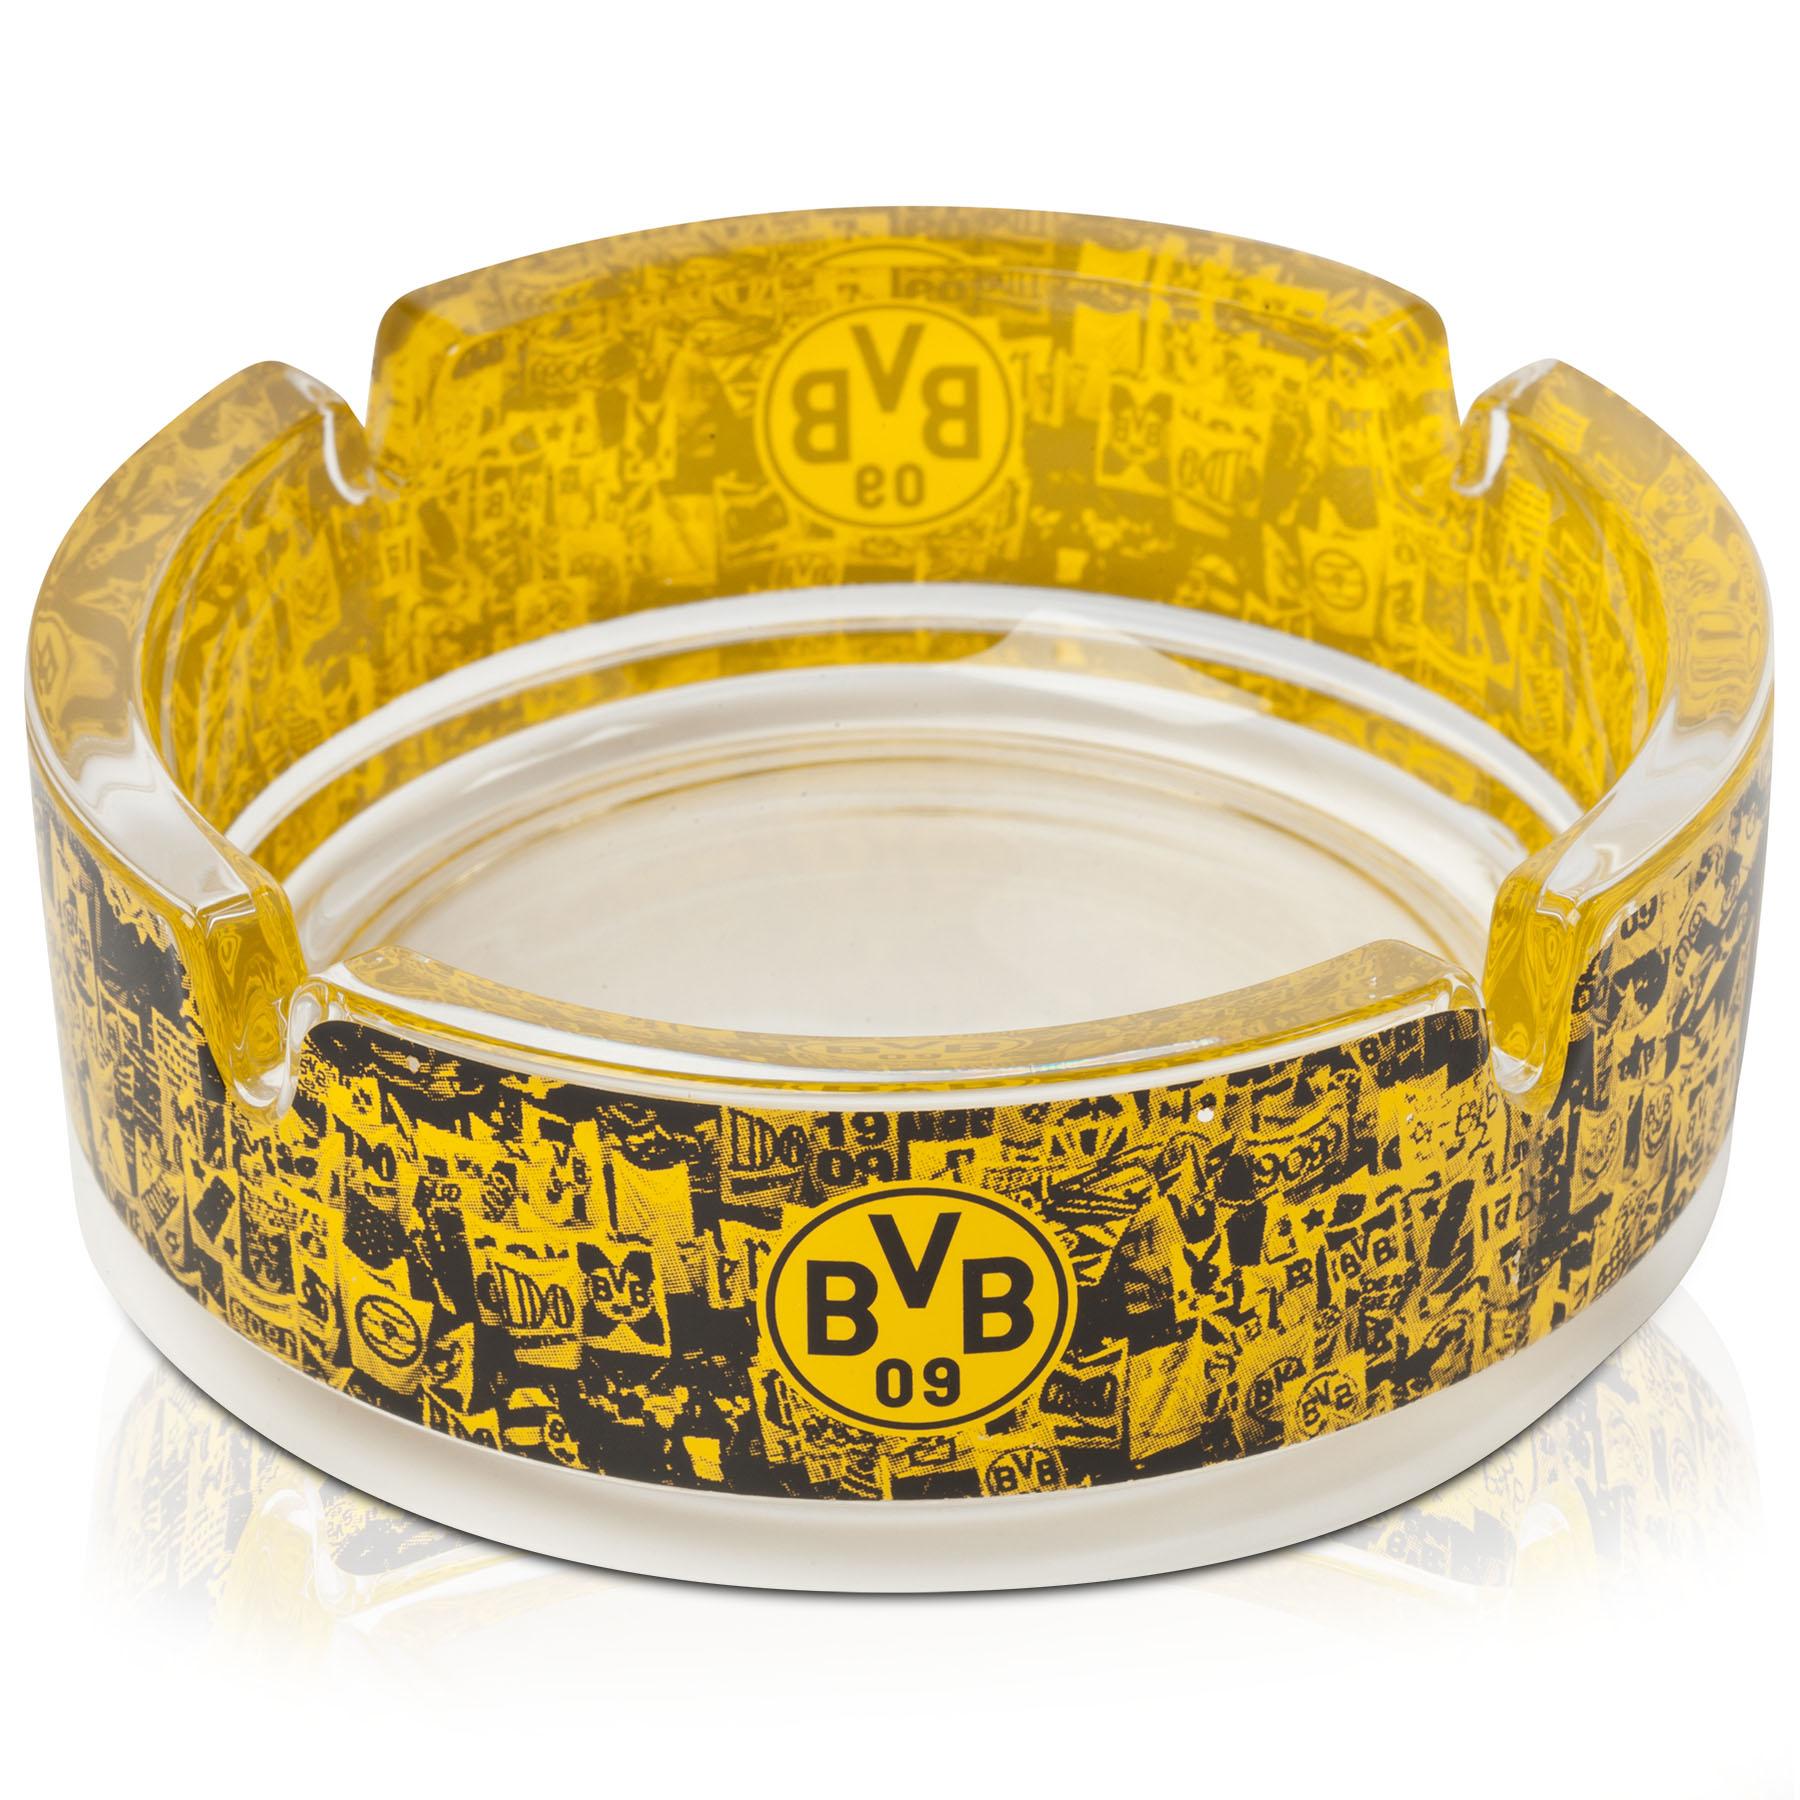 Image of BVB Glass Ashtray, Yellow